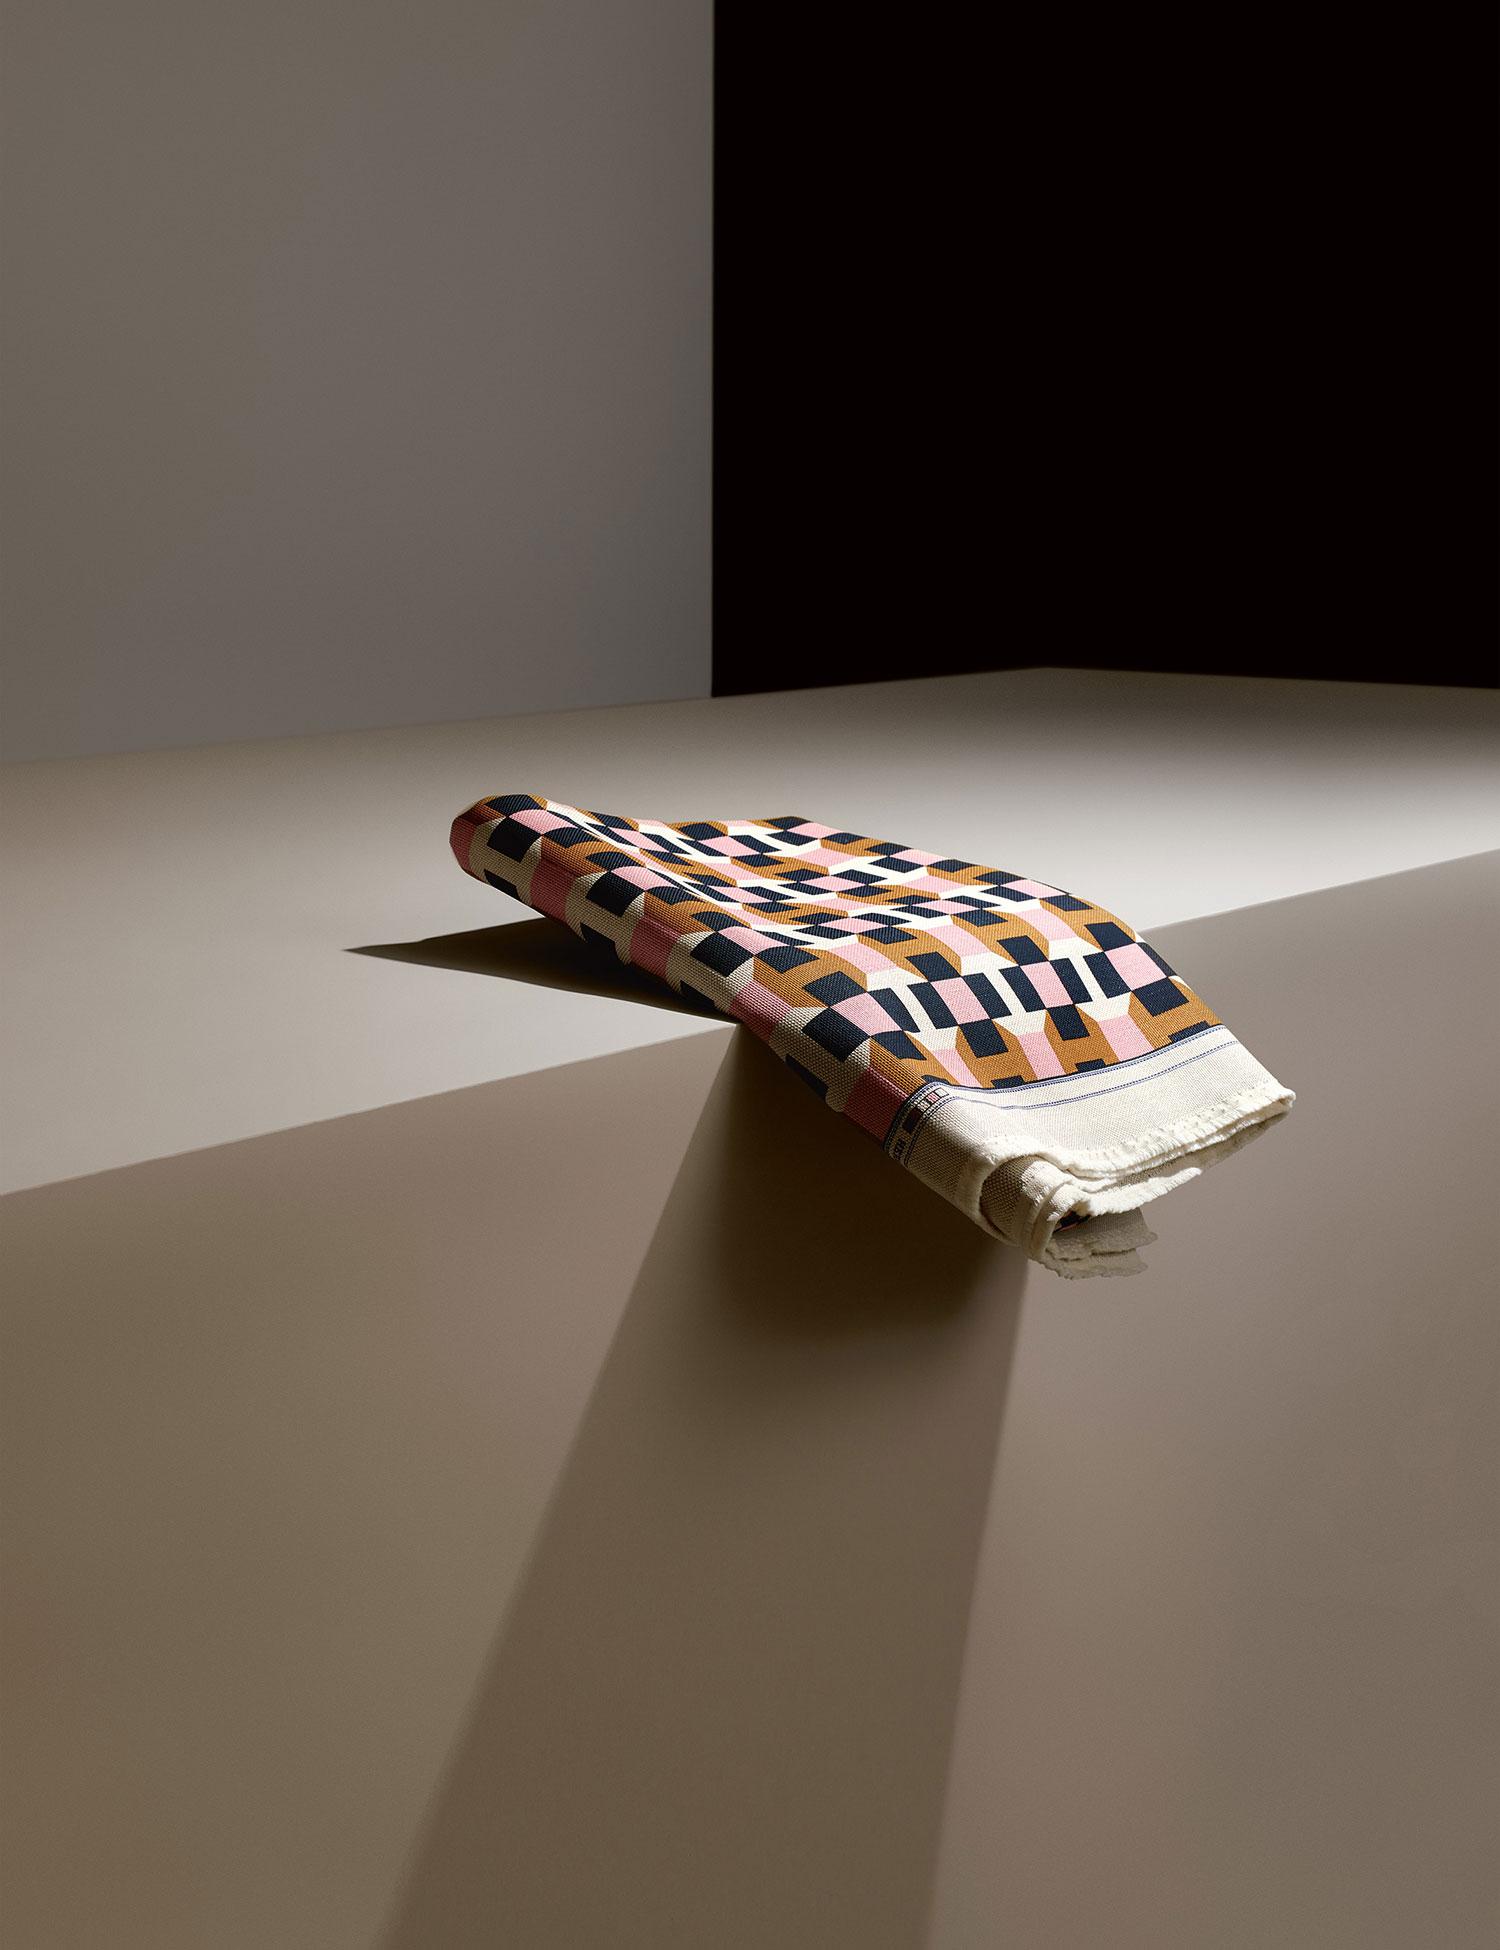 Tissu d'ameublement Pavage imprimé Hermès, Milan Design Week 2016. Photo © Philippe Lacombe   #Milantrace2016